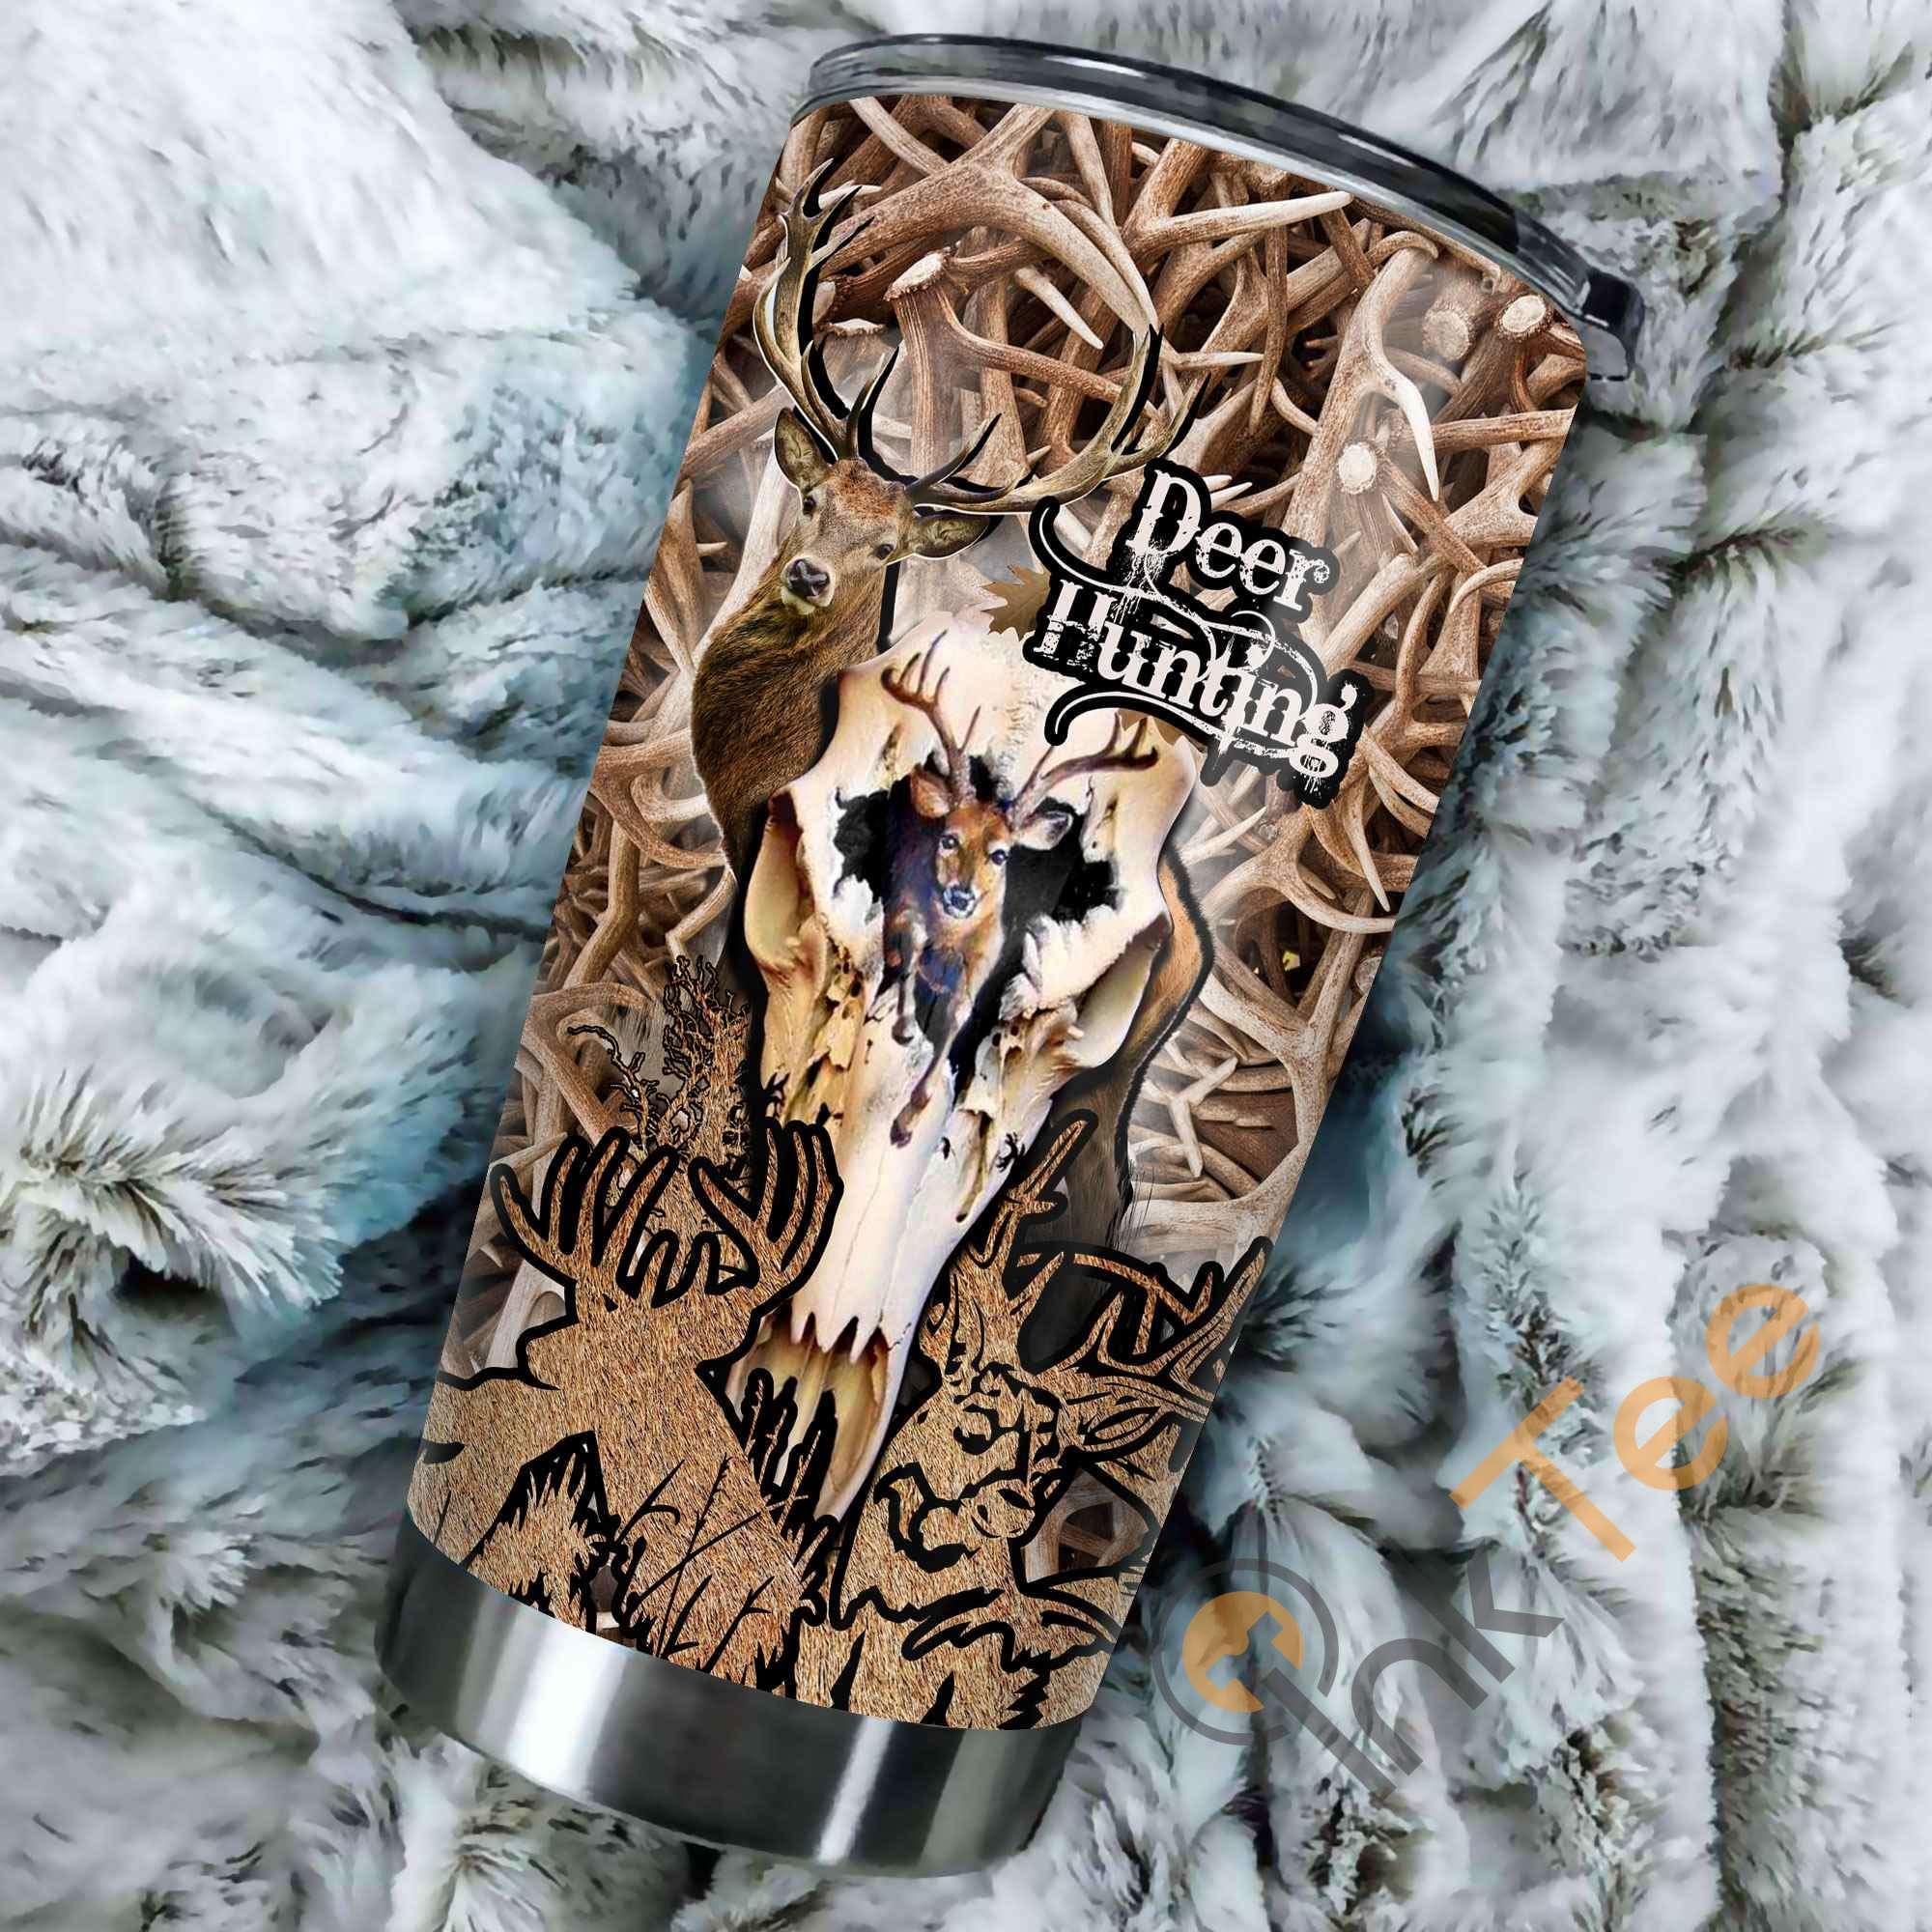 Deer Hunting Amazon Best Seller Sku 3802 Stainless Steel Tumbler